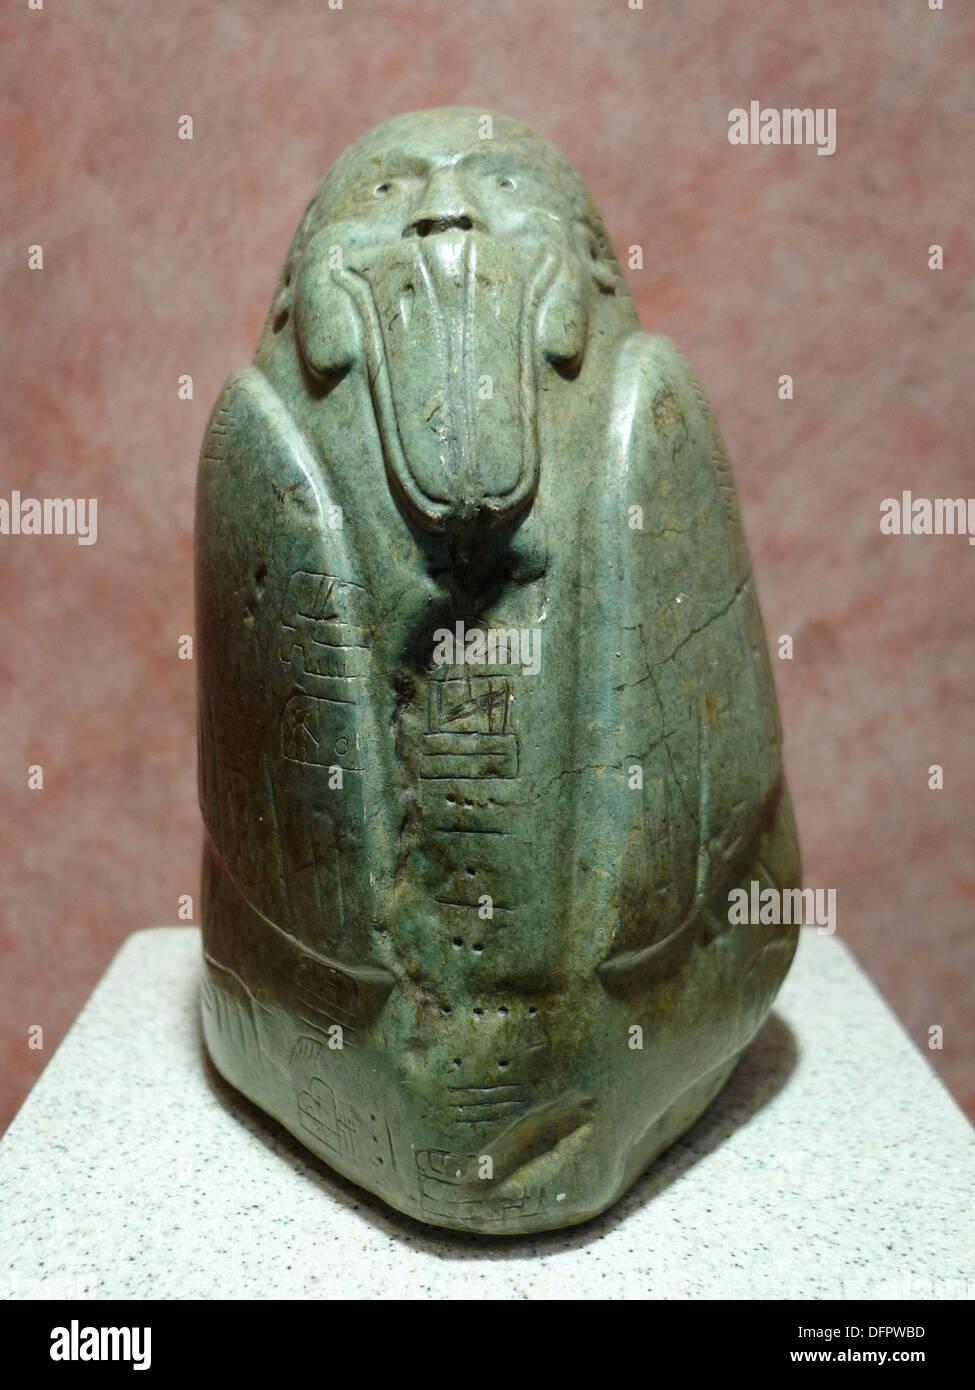 Jade personage. Museo Nacional de Antropologia. Ciudad de Mexico - Stock Image